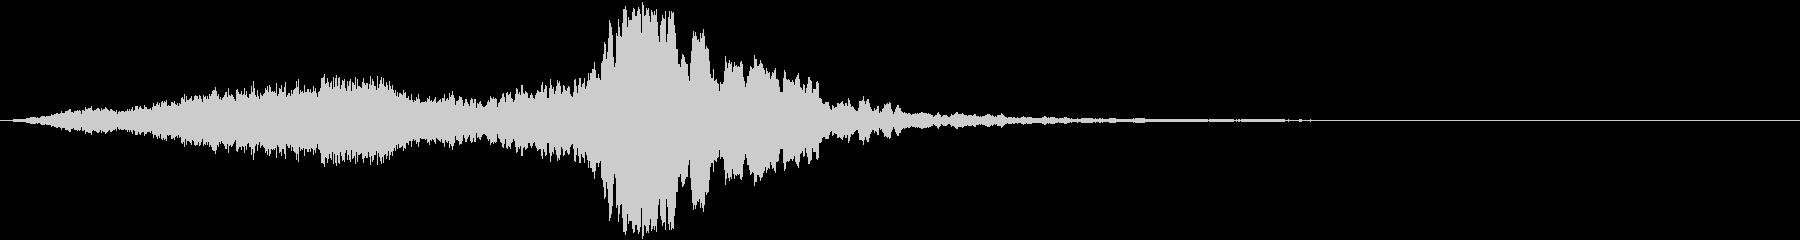 スパーク音(ゲーム・魔法)_03の未再生の波形